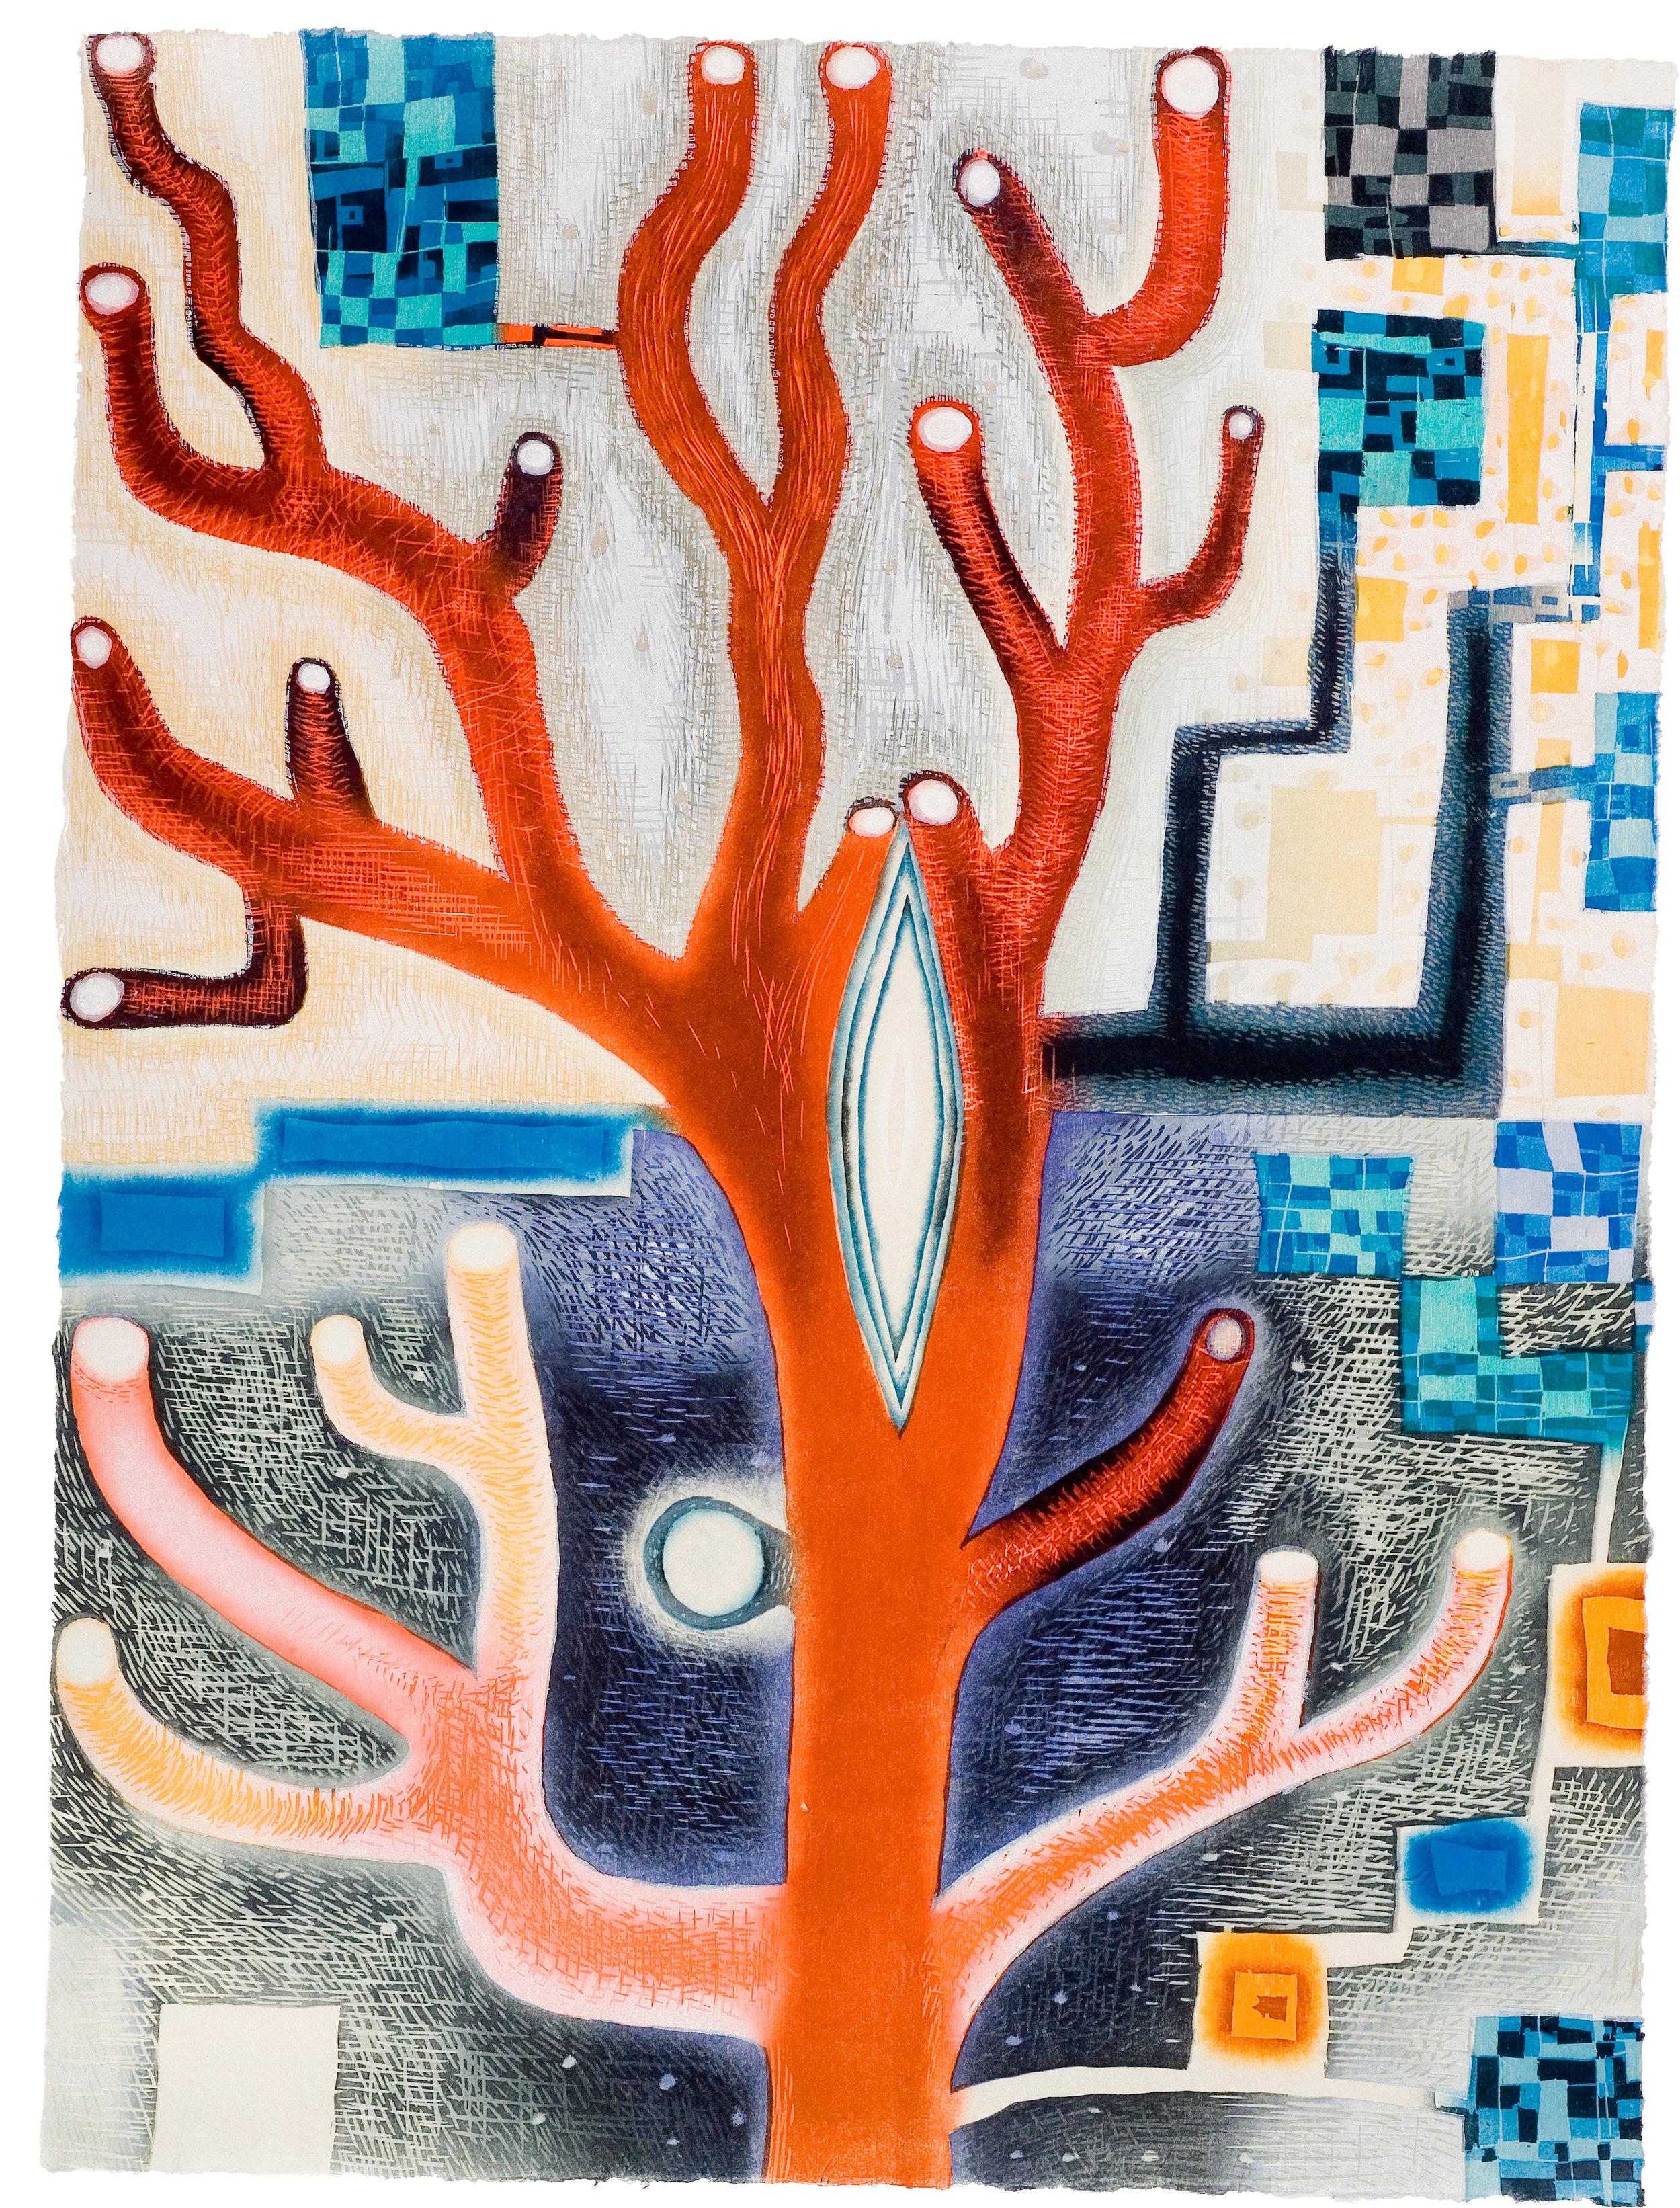 KK_Eyes of the Red Coral_2006.jpg